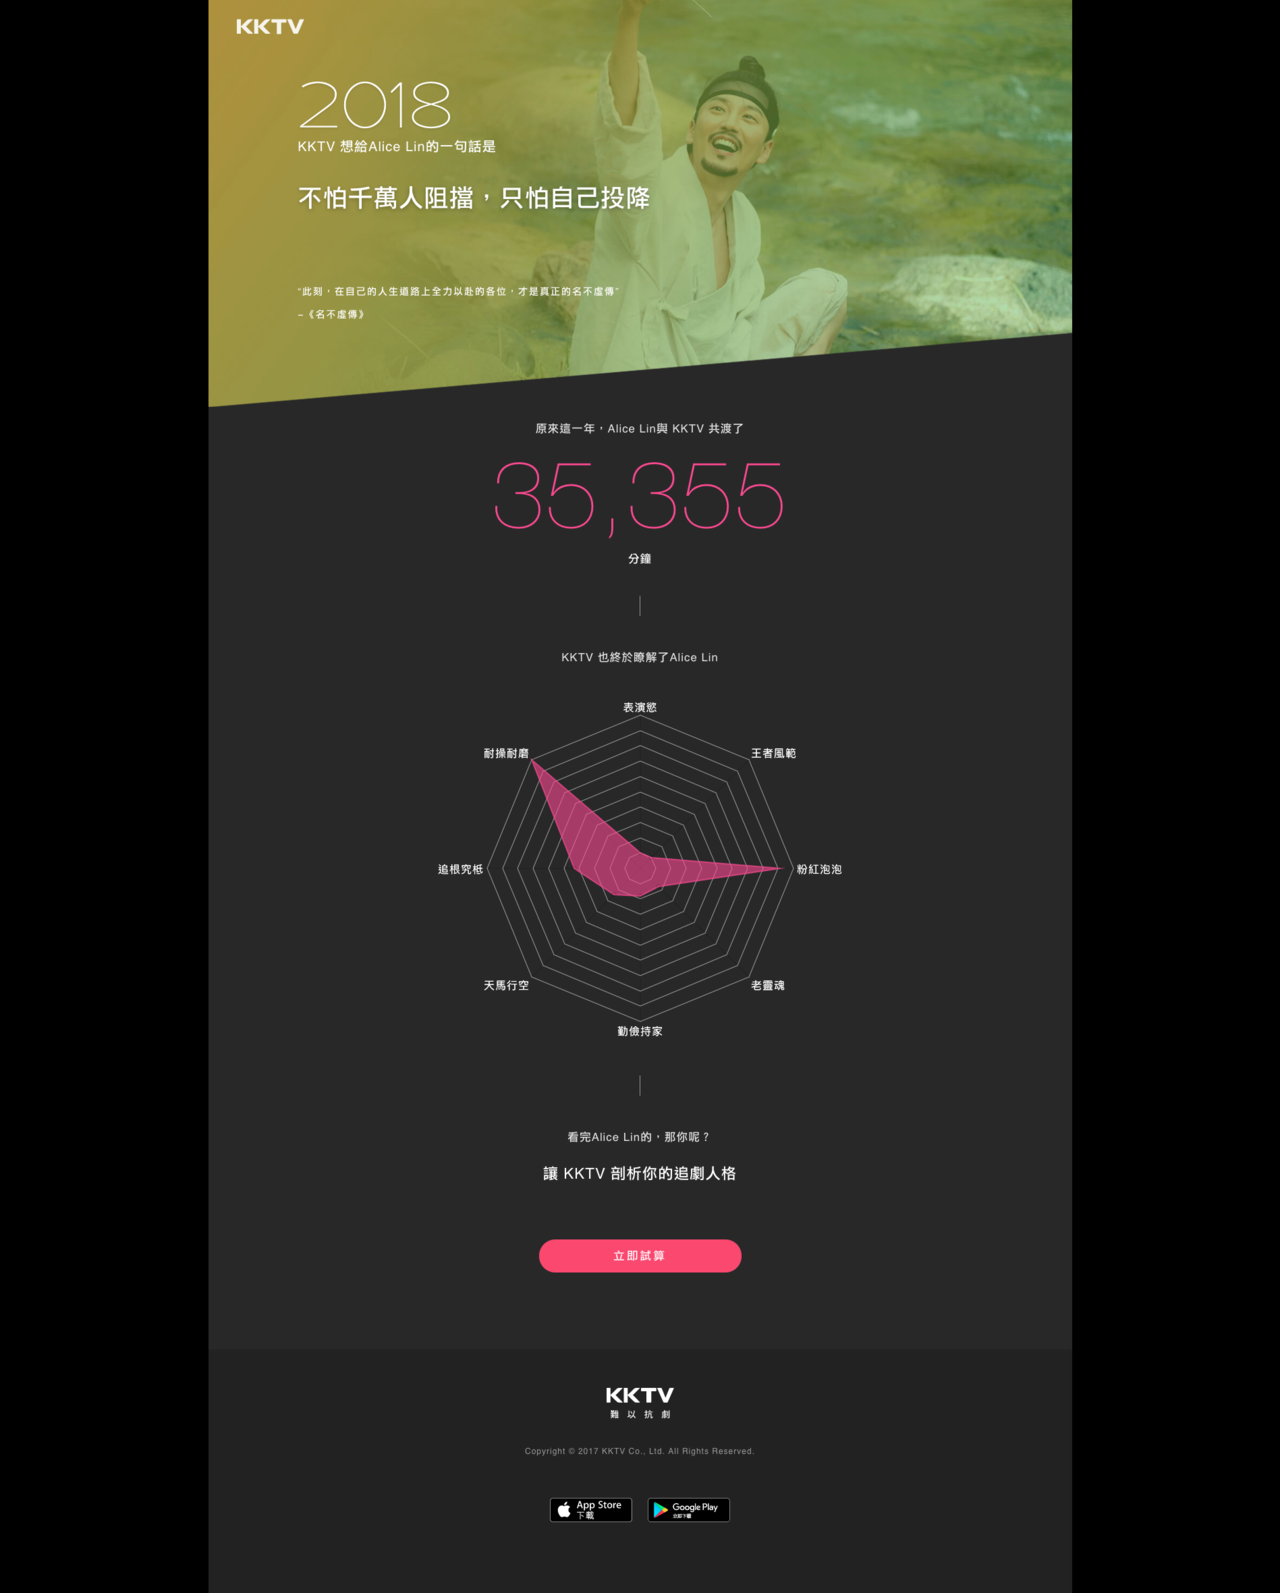 KKTV #點亮2018追劇光明燈 活動網頁,分析一年內追了多少劇。圖/KKTV...